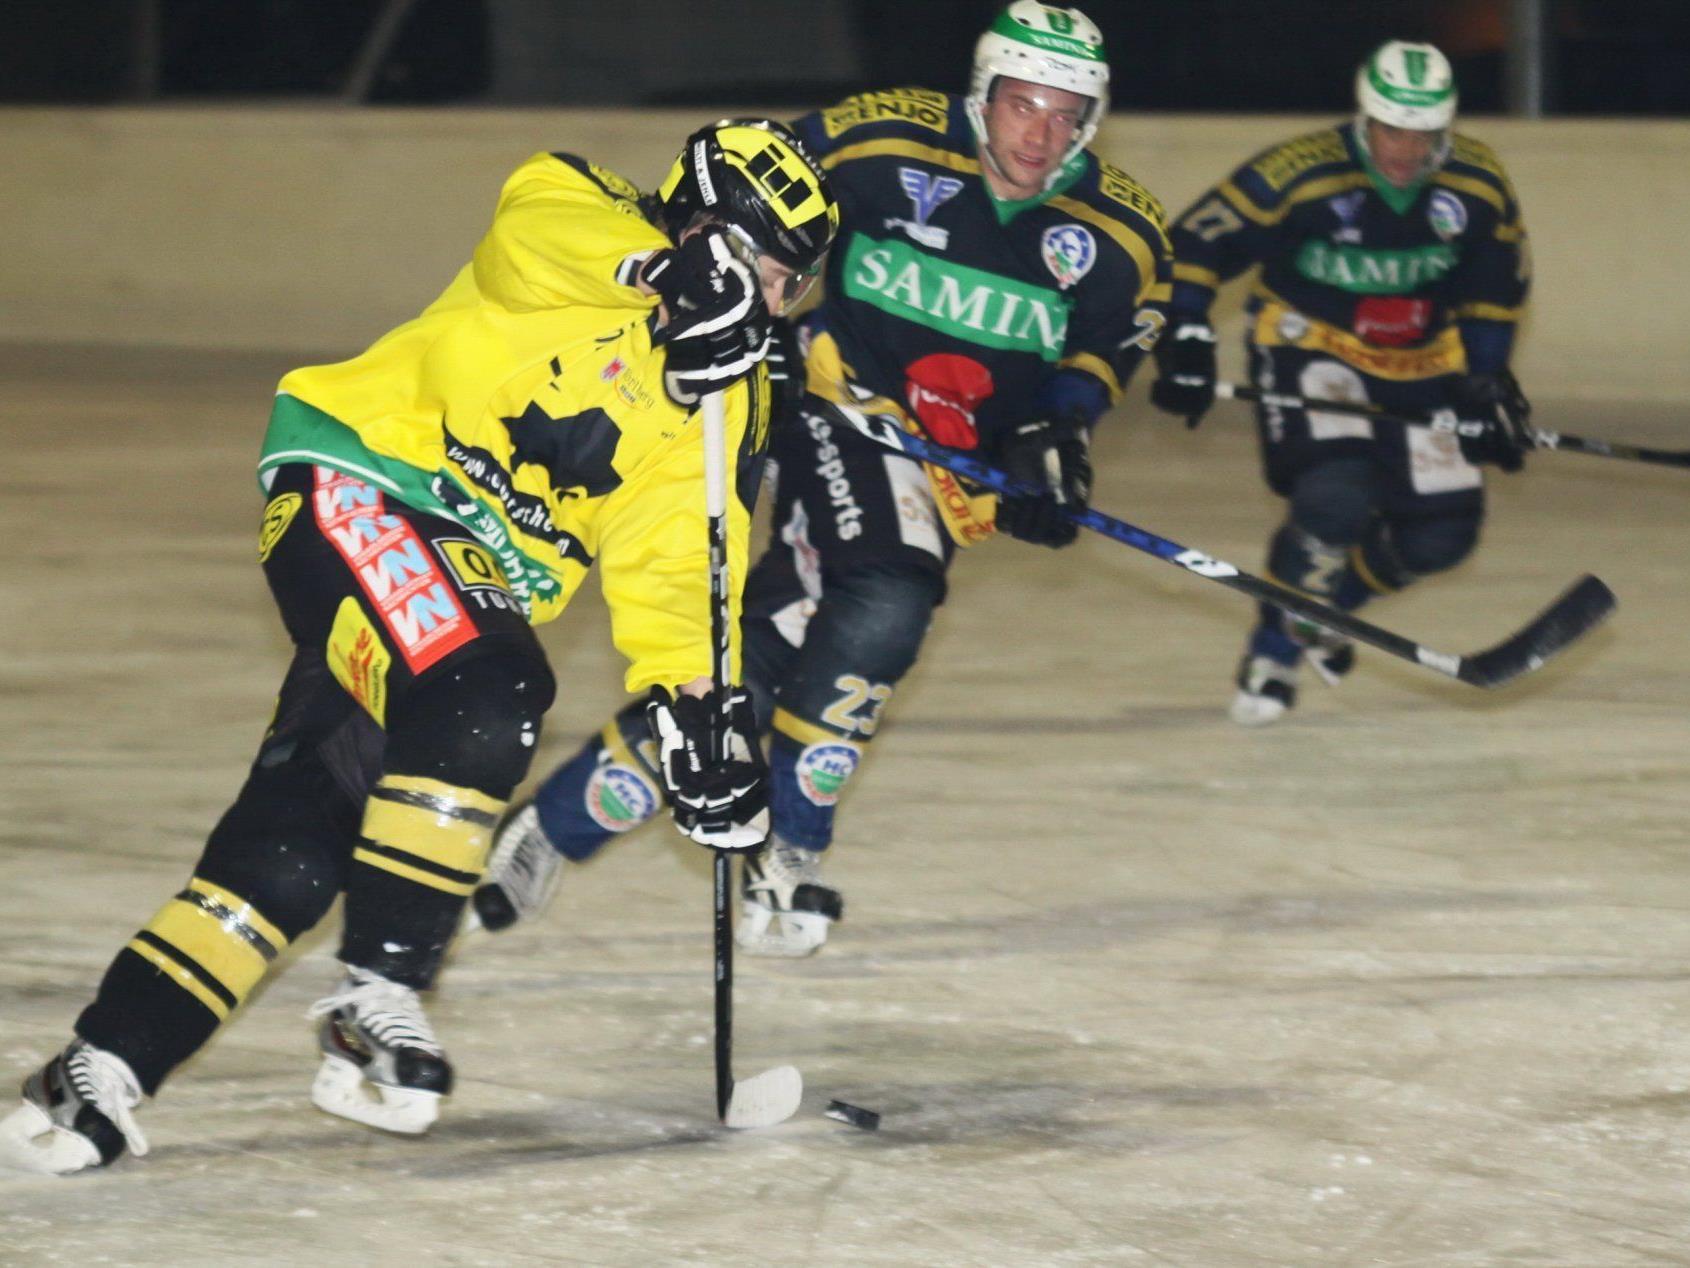 Volles Programm derzeit in der Vorarlbergliga.